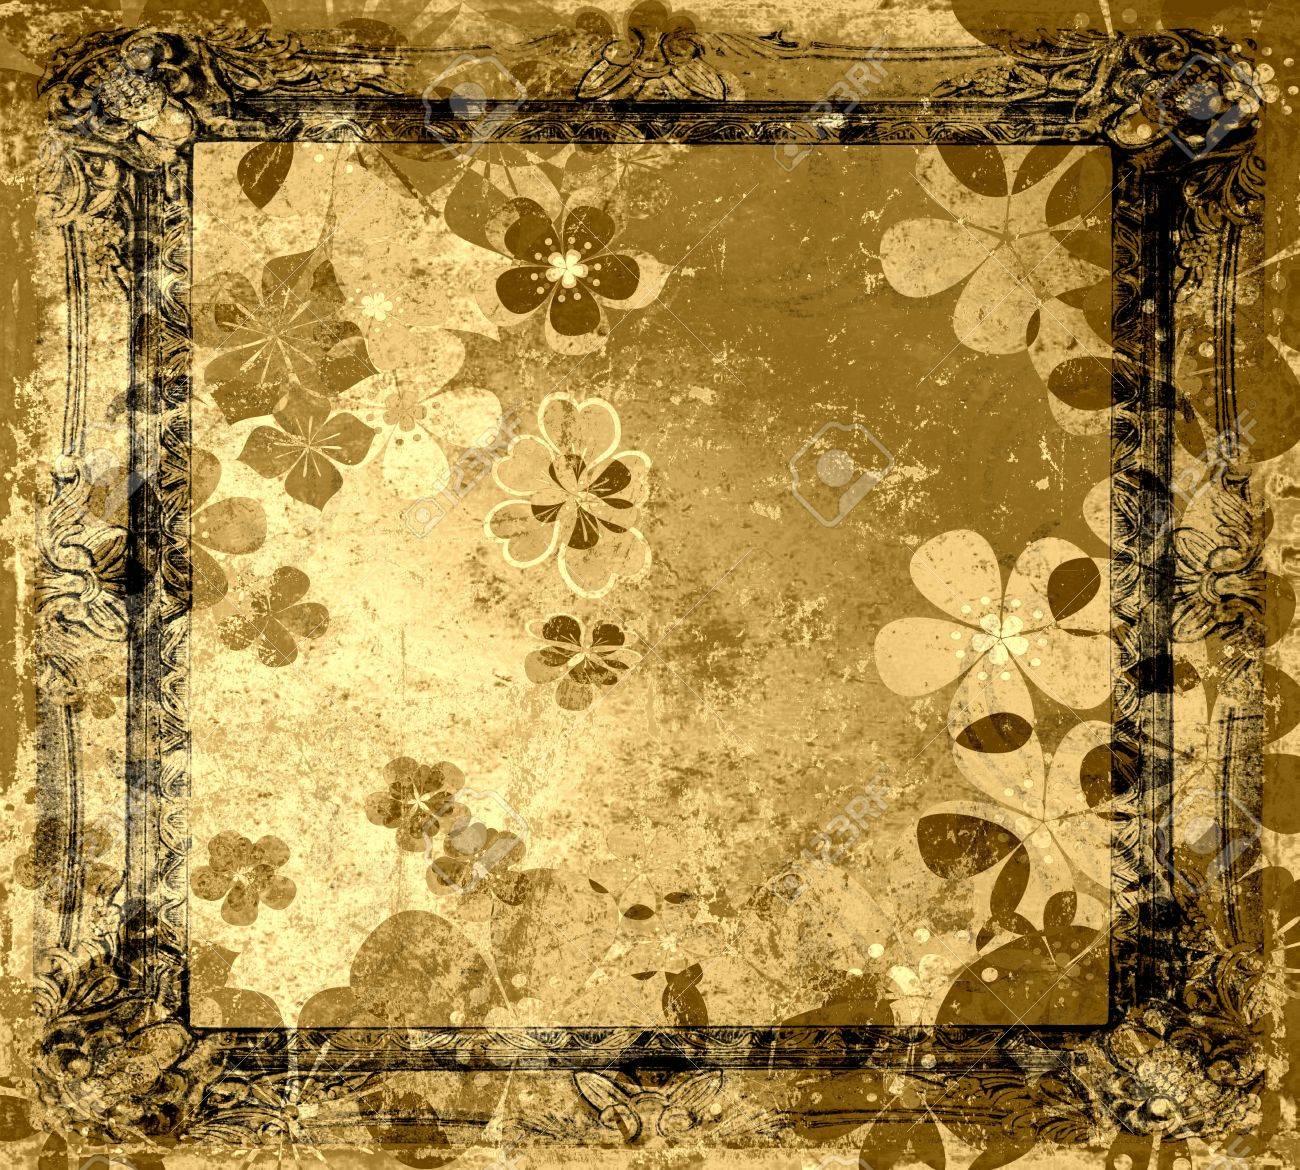 Vintage floral frame grunge old background Stock Photo - 15742484